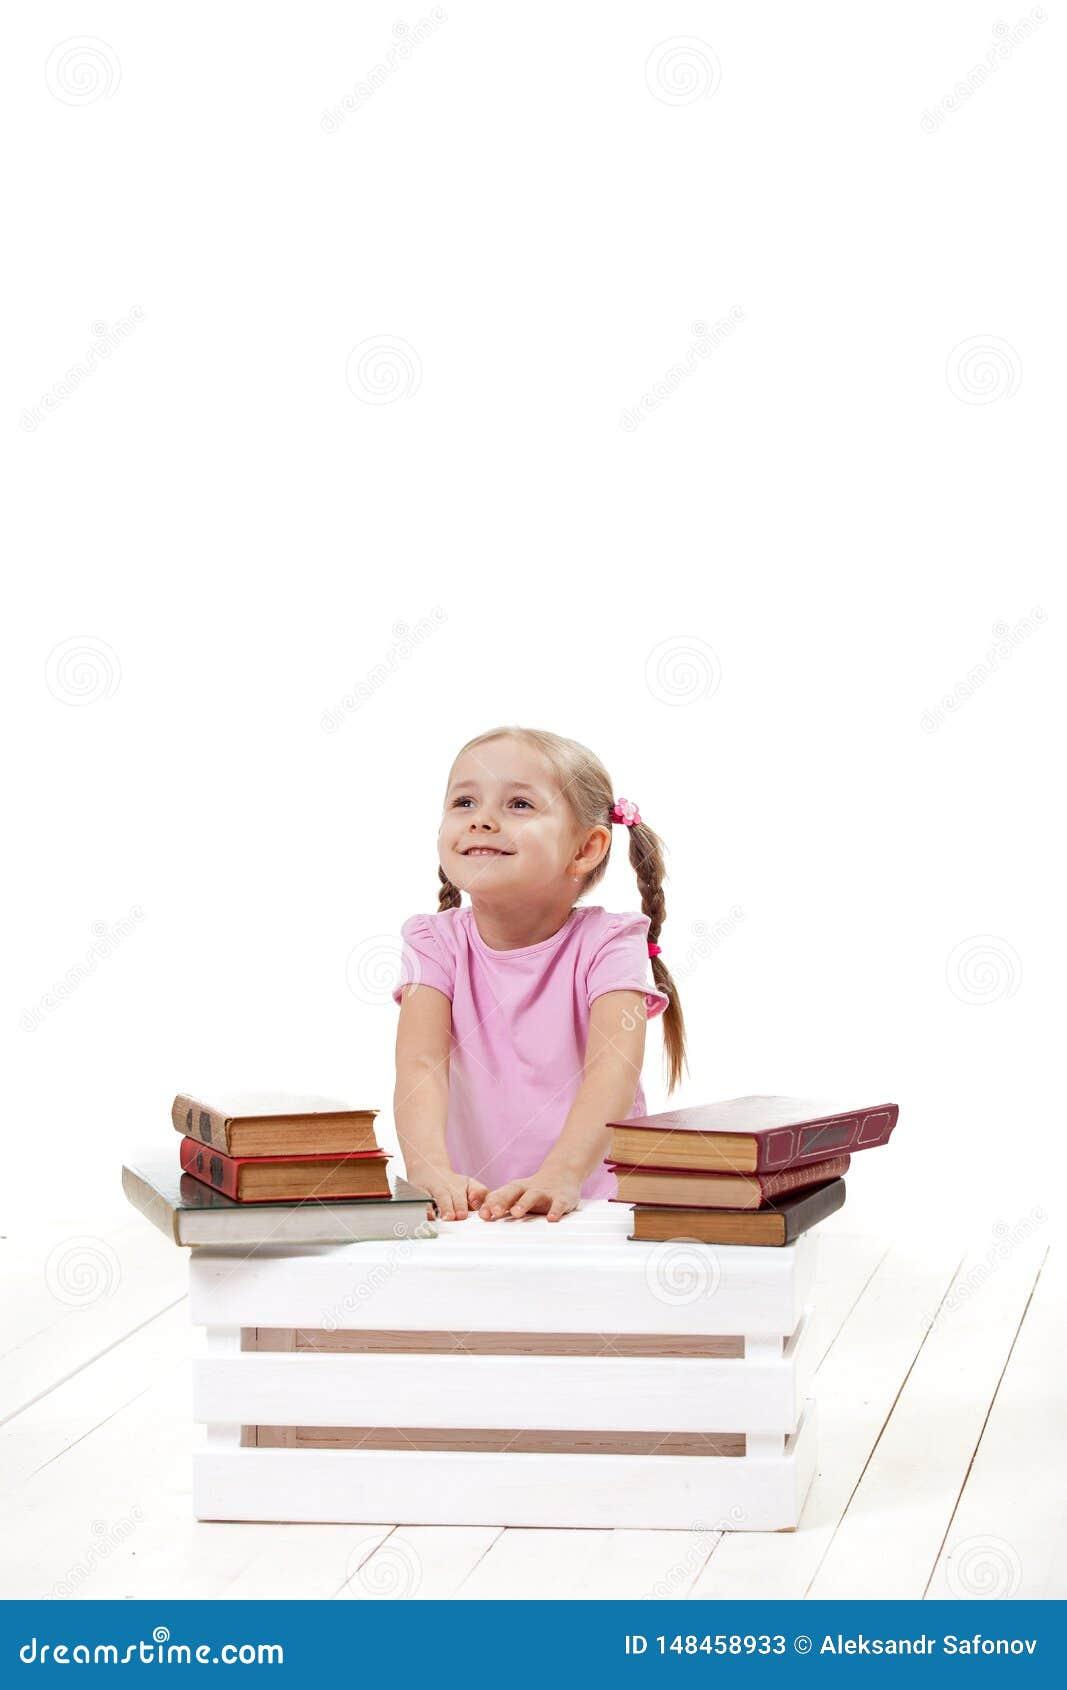 Den glade lilla flickan med böcker sitter på ett vitt golv